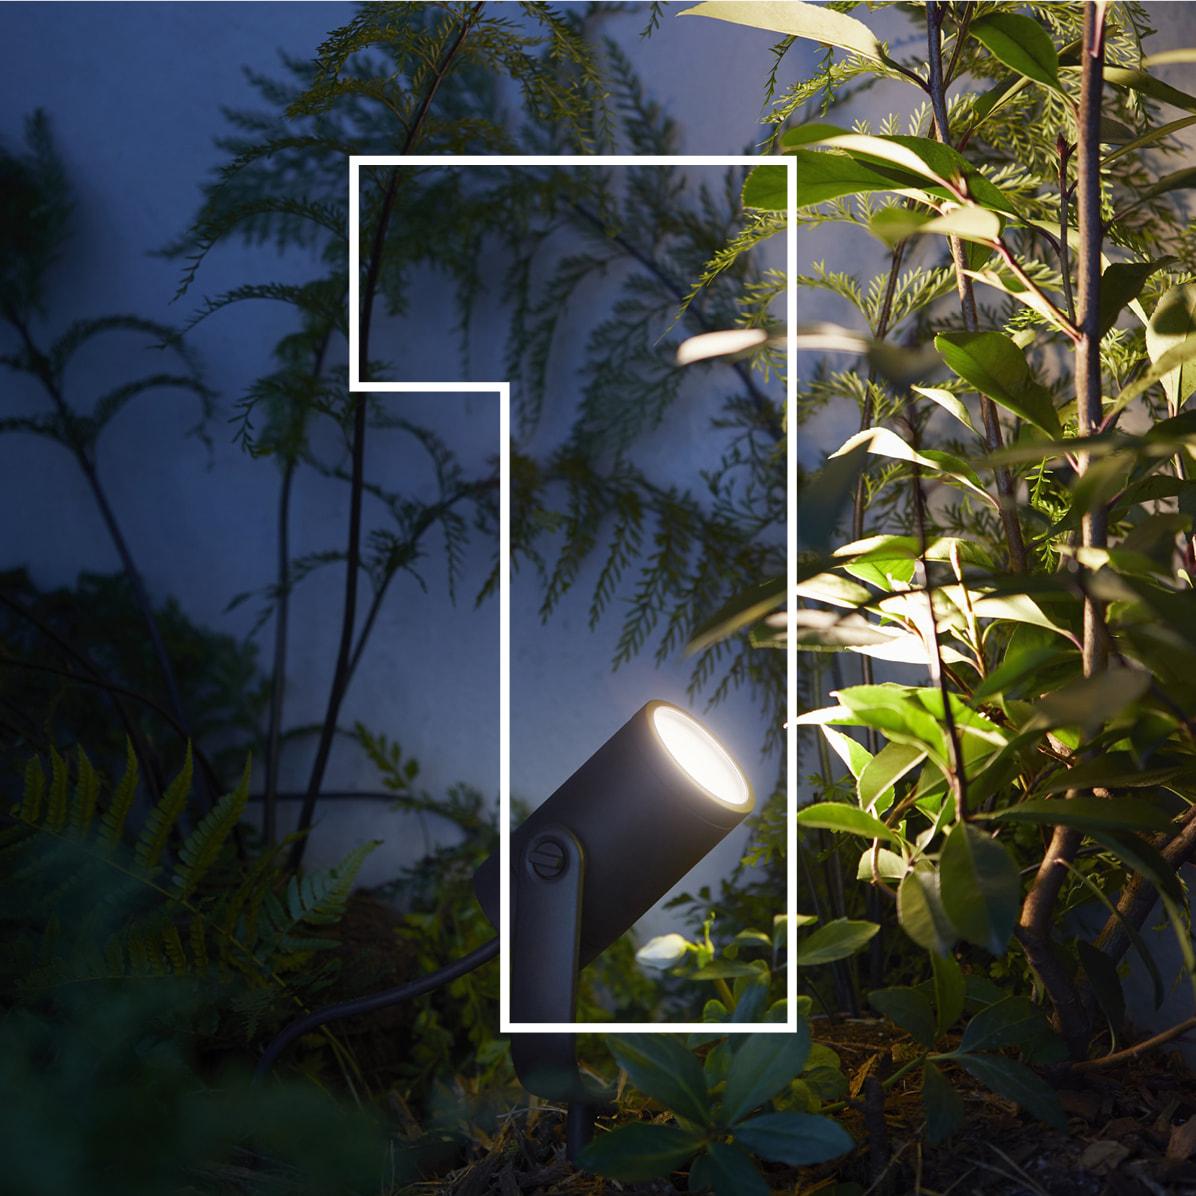 Full Size of Led Spot Garten 8 Wege Schaukel Lounge Möbel Trennwand Sitzgruppe Sofa Grau Leder Beistelltisch Liege Spielhaus Holz Holzhaus Kind Jacuzzi Spielturm Garten Led Spot Garten